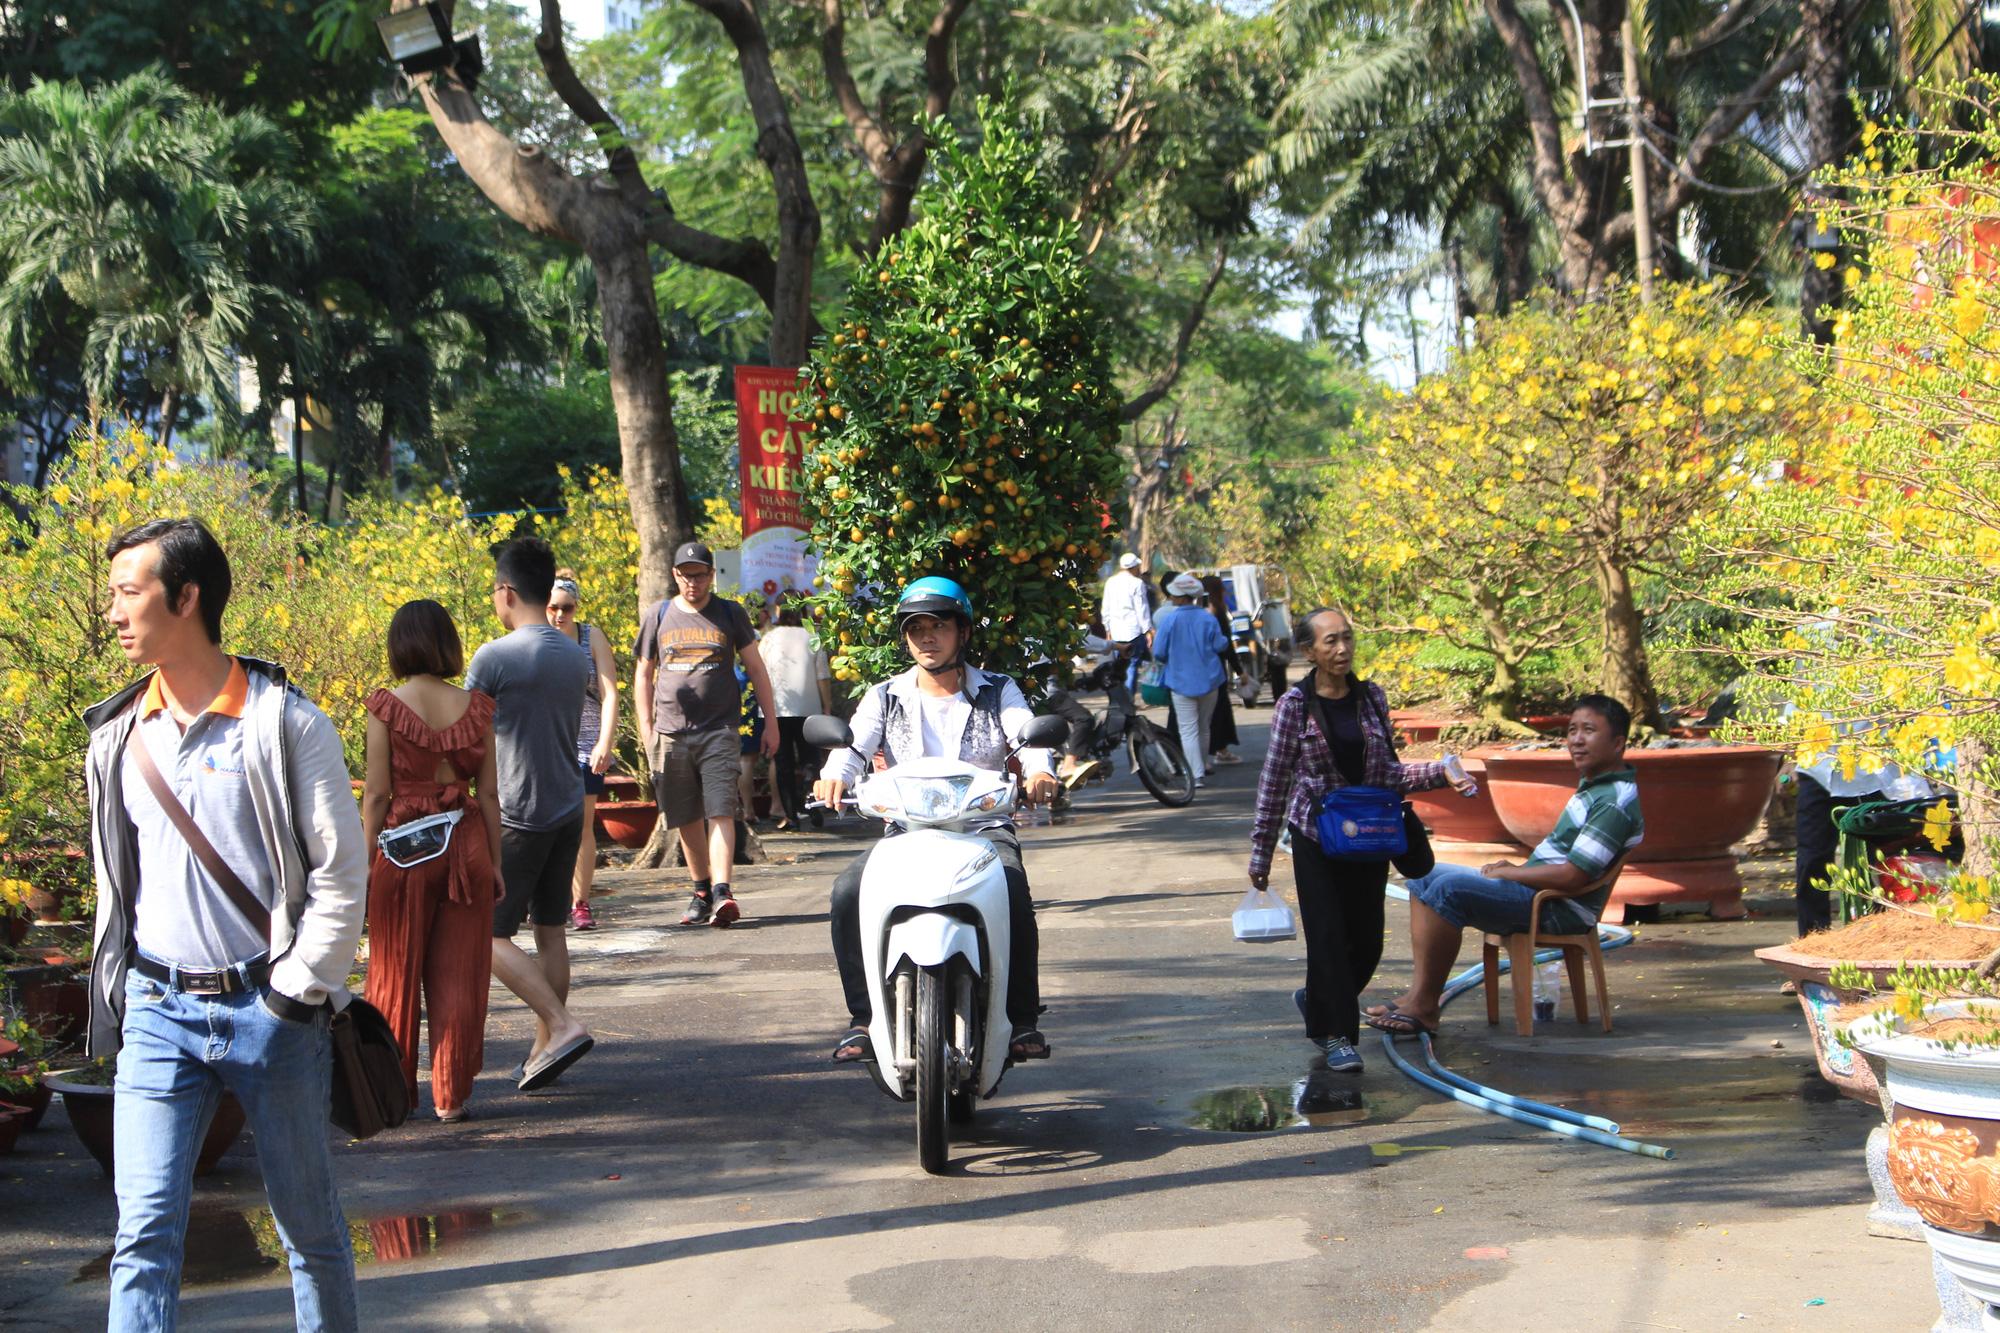 Mai, đào, tắc tiền triệu tại chợ hoa Sài Gòn ngóng người mua, có nhà vườn treo biển đồng giá 100.000 đồng mỗi chậu - Ảnh 1.